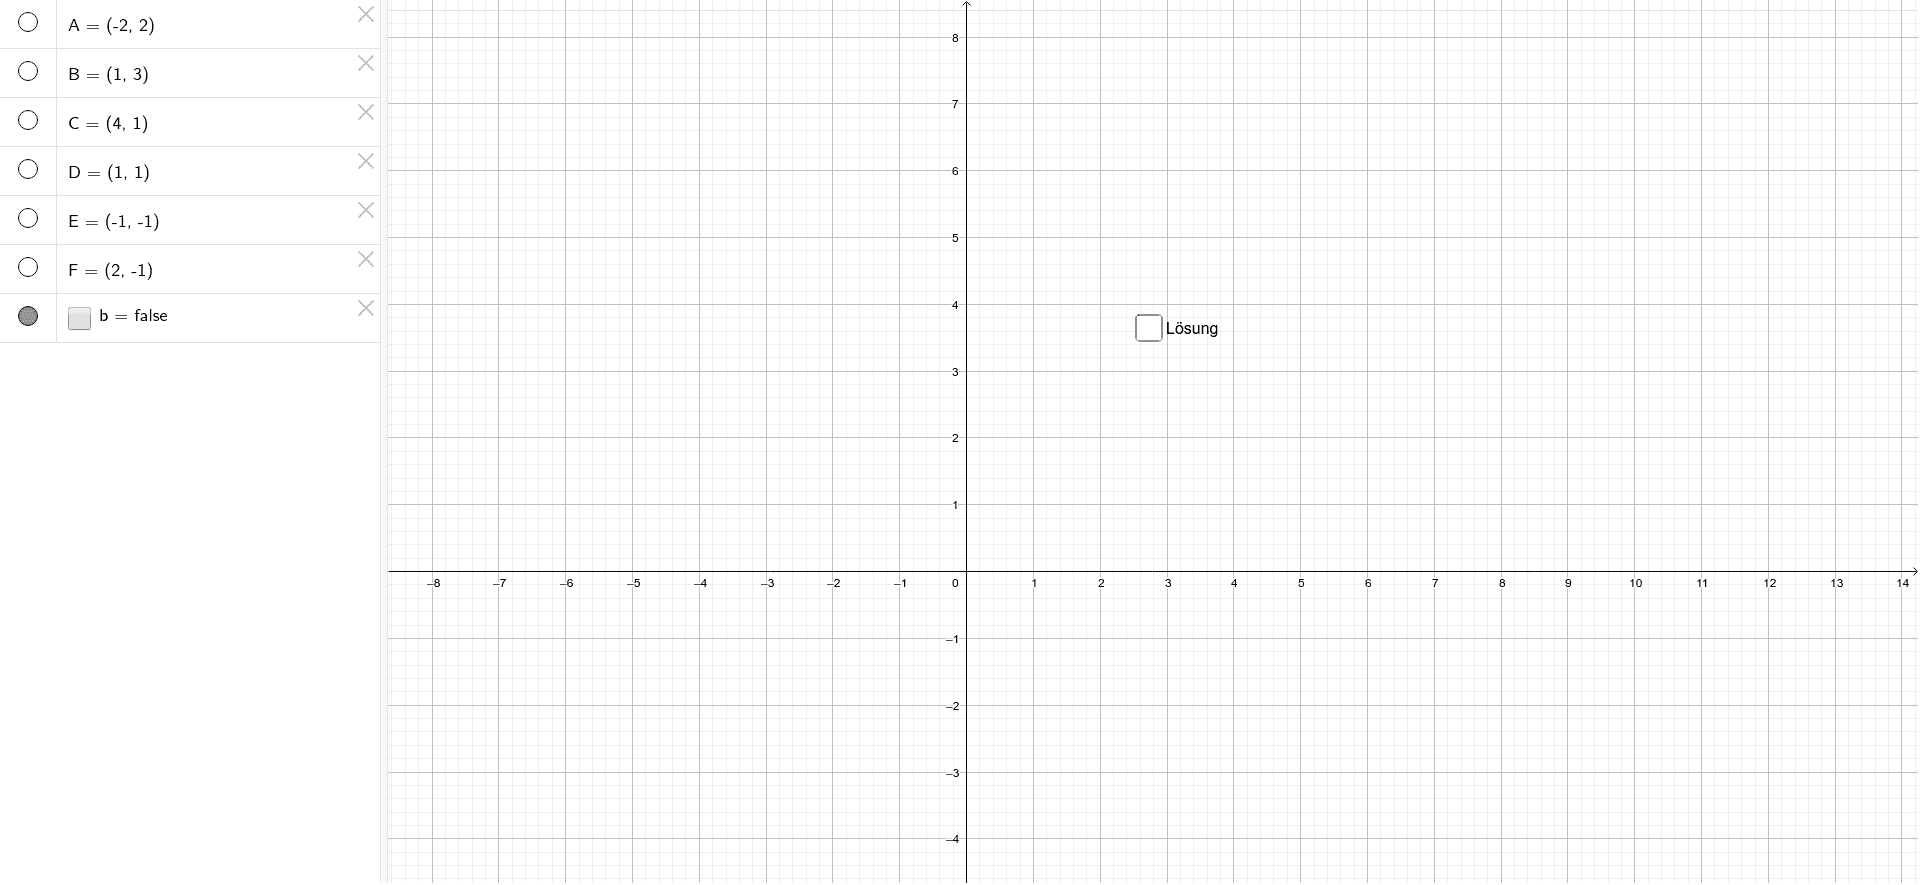 Trage Die Punkte A (-2,2) B (1,3) C (4,1) D (1,1) E (-1,-1) F (2,-1) in das Koordinatensystem ein,  um dich zu kontrollieren drücke auf das Kästchen! Drücke die Eingabetaste um die Aktivität zu starten